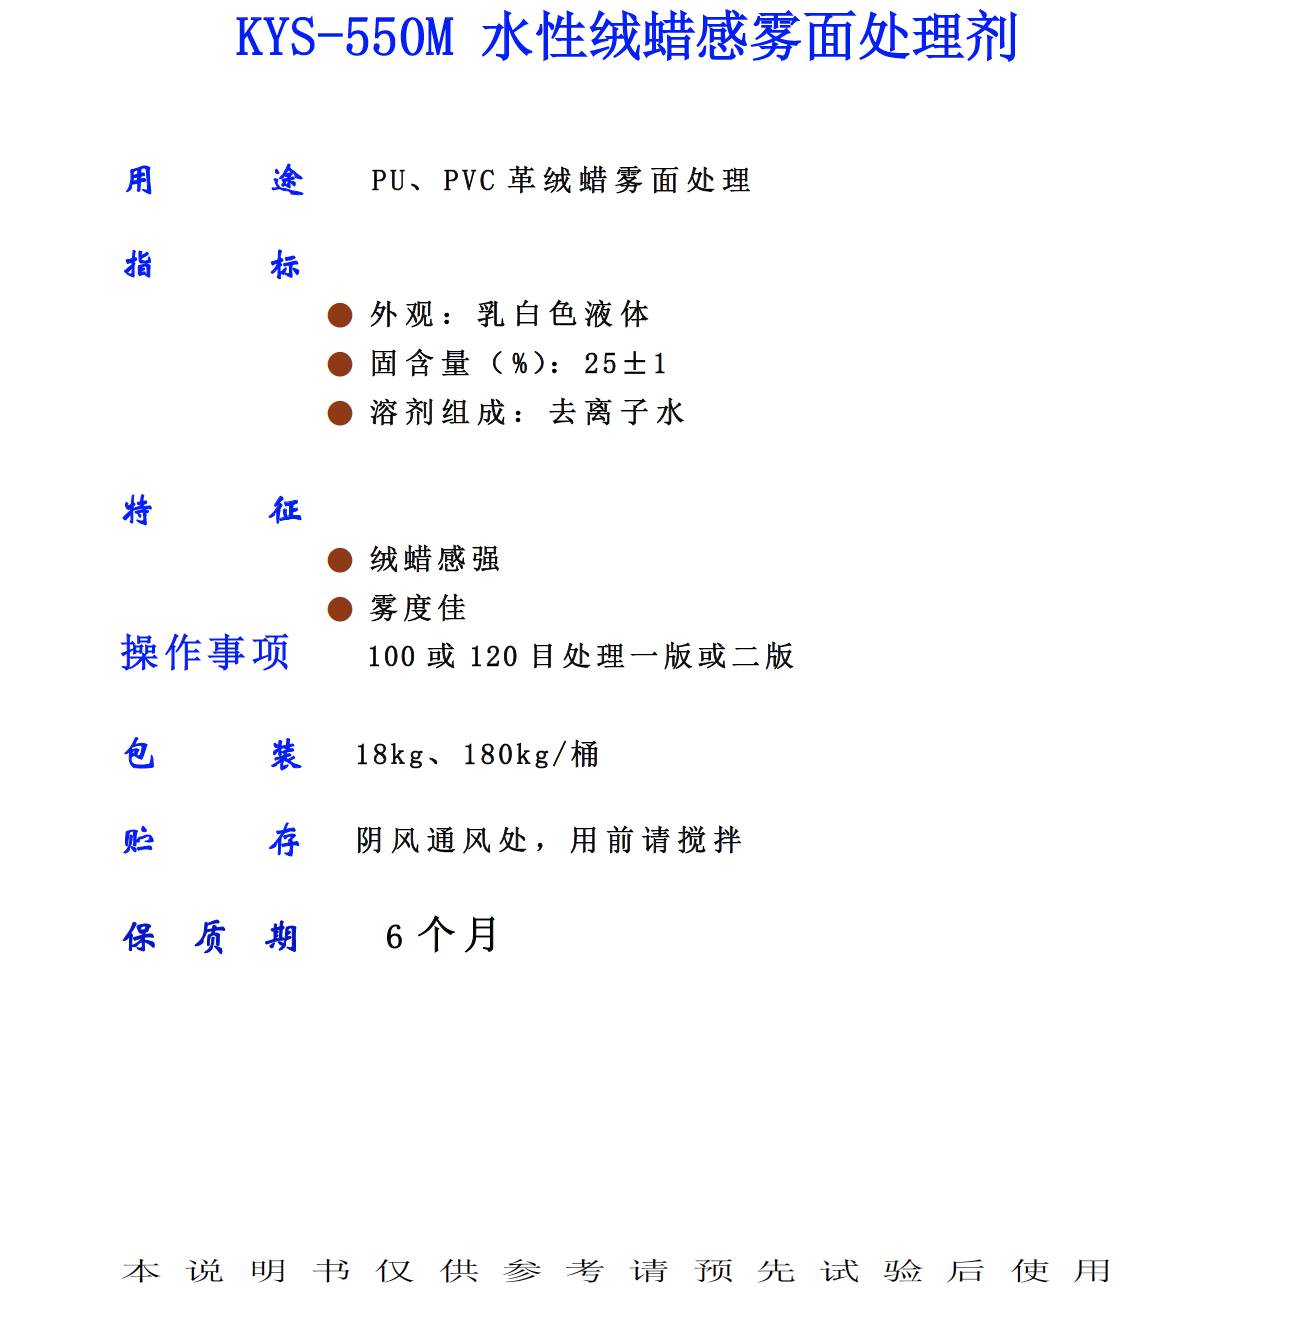 KYS 550M 水性绒蜡感雾面处理剂